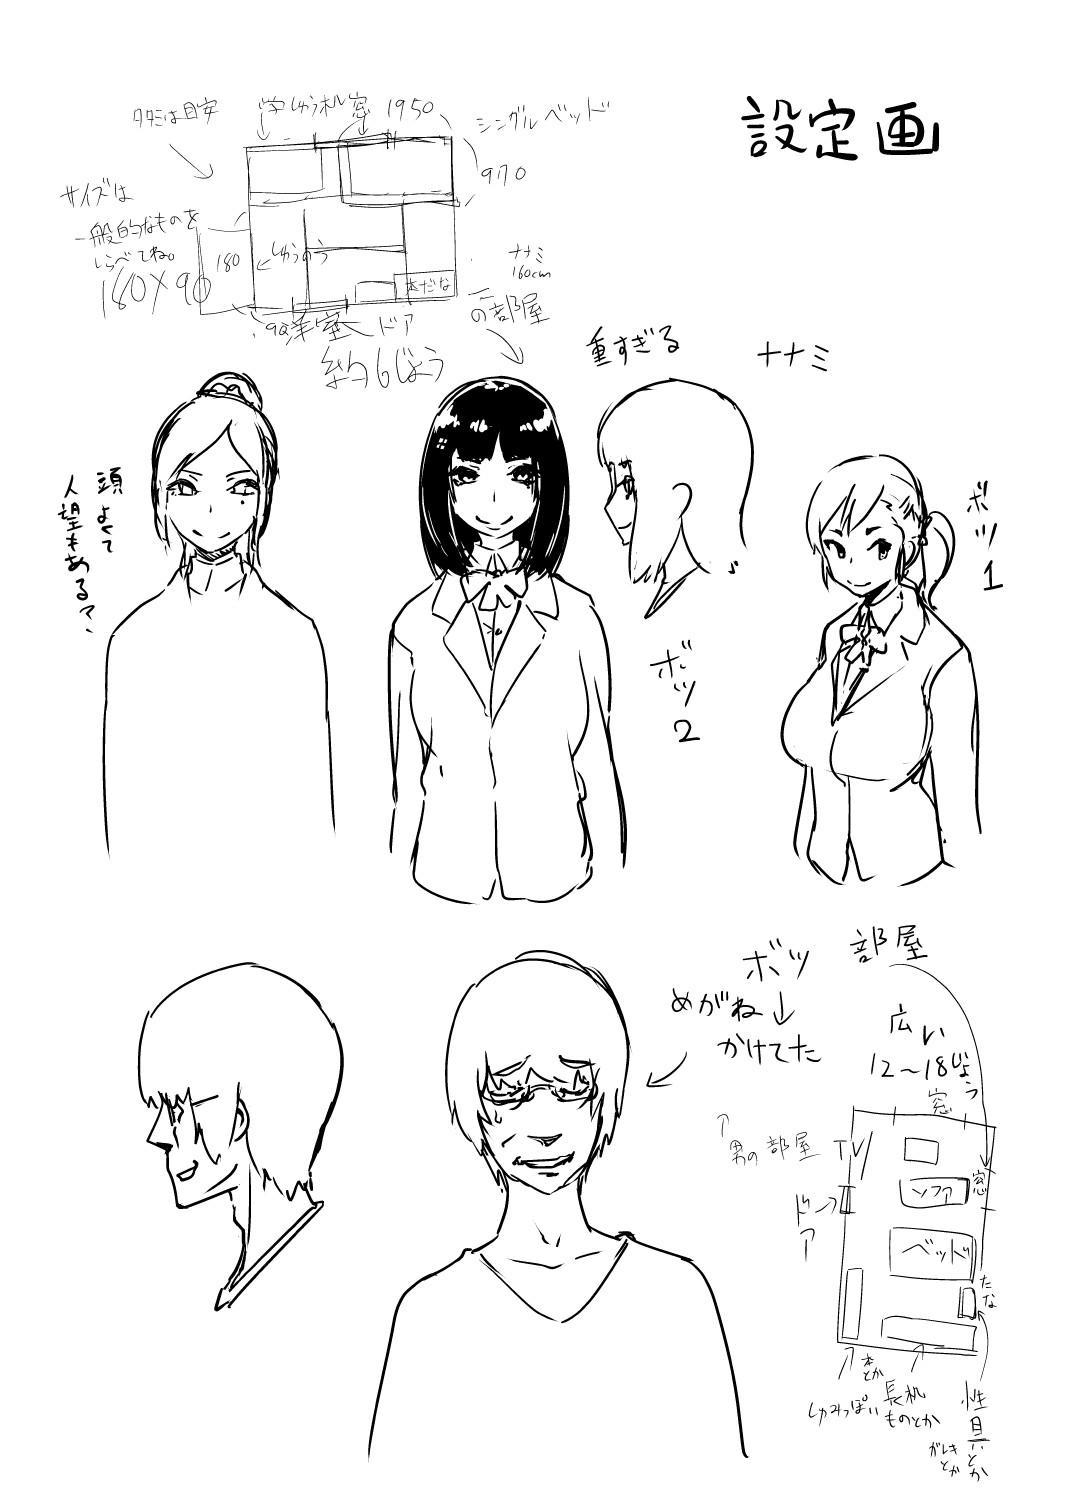 Inkaku Inkei-ka Shoukougun 36